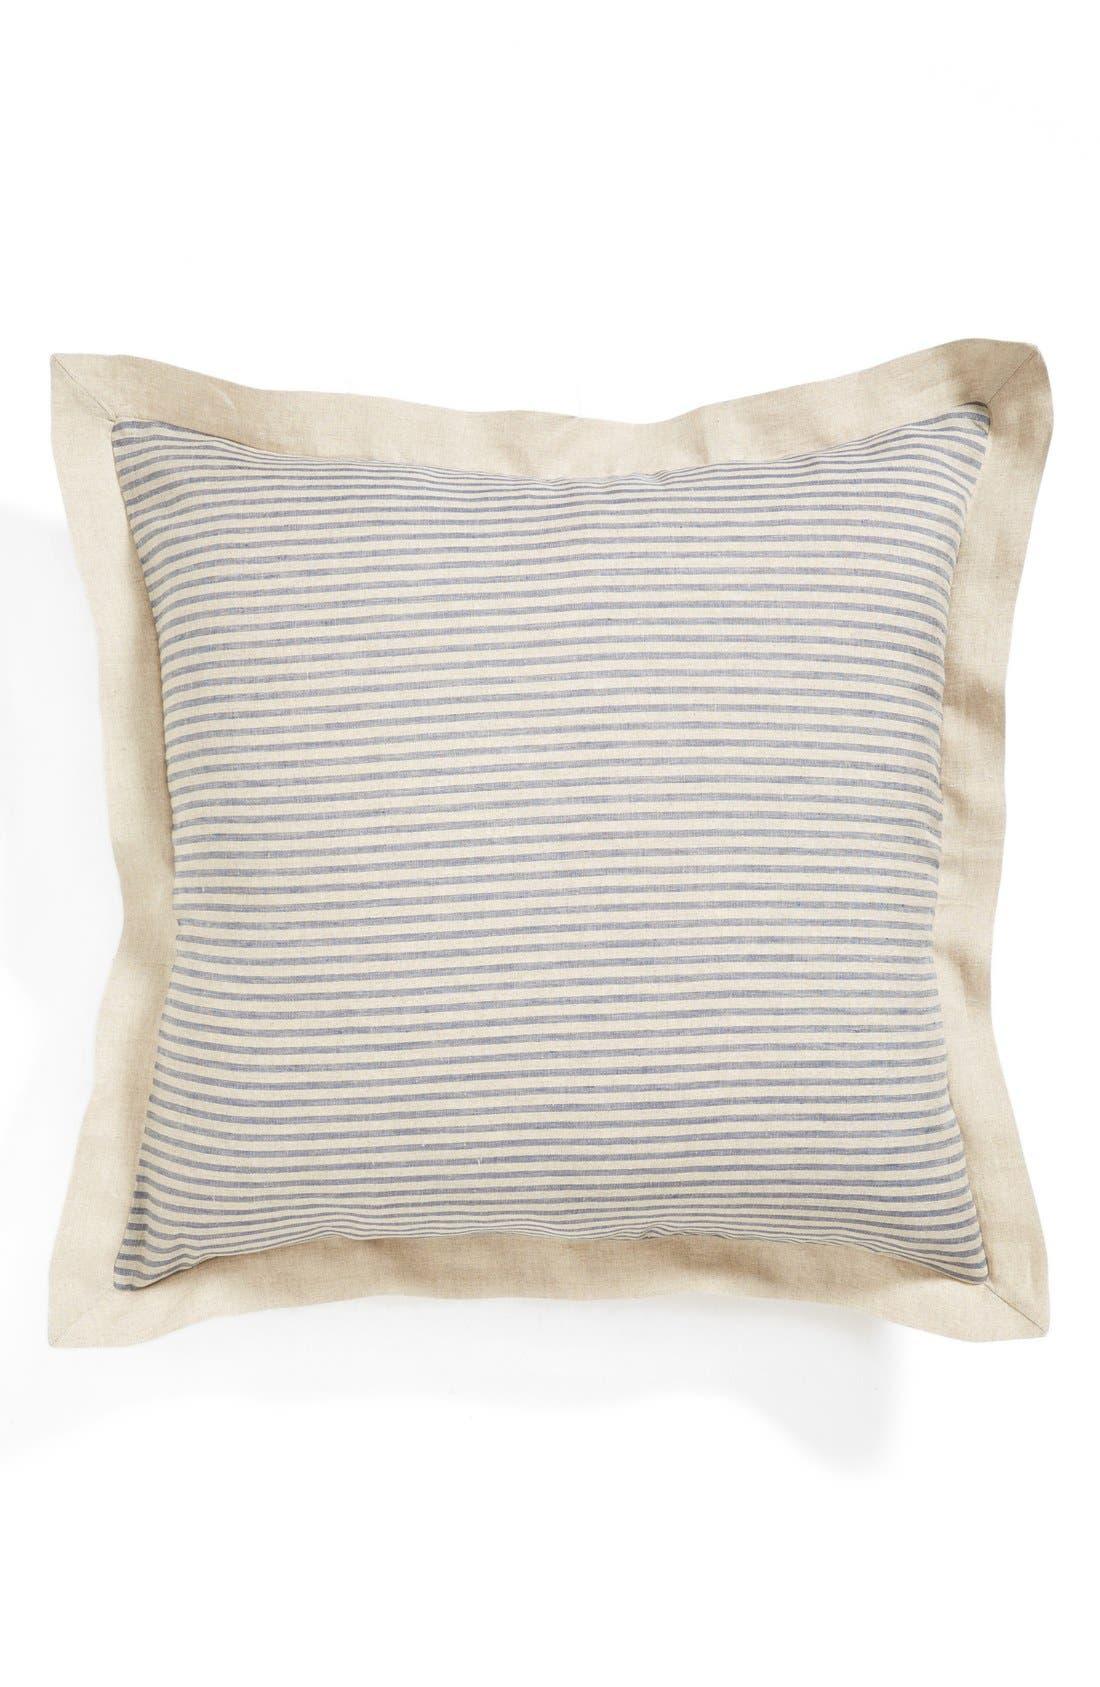 Alternate Image 1 Selected - Amity Home 'Bernadette' Stripe Linen Euro Sham